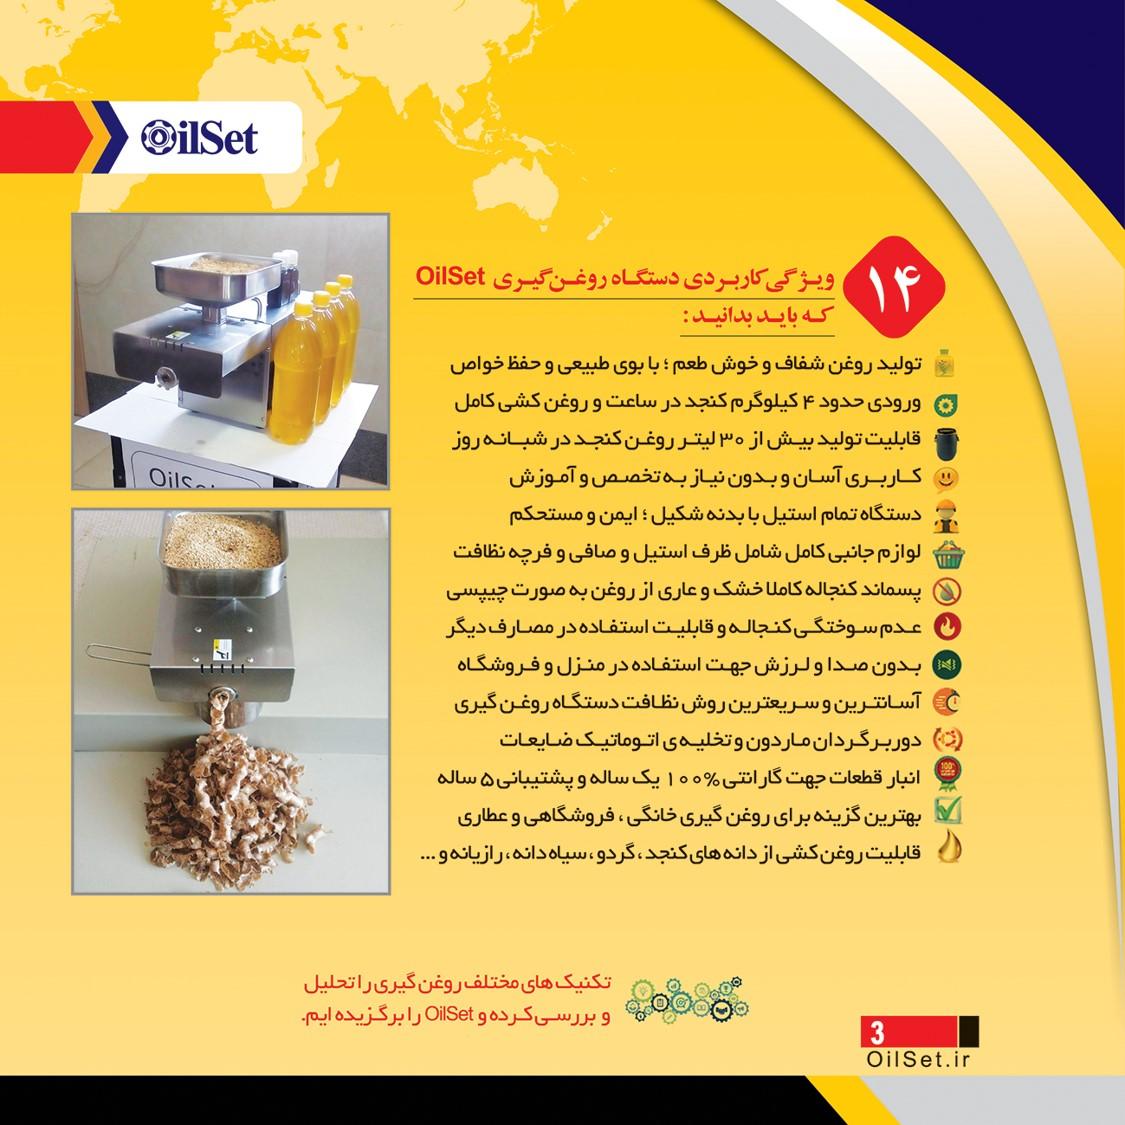 دستگاه روغن گیری مدل OilSet/3-6